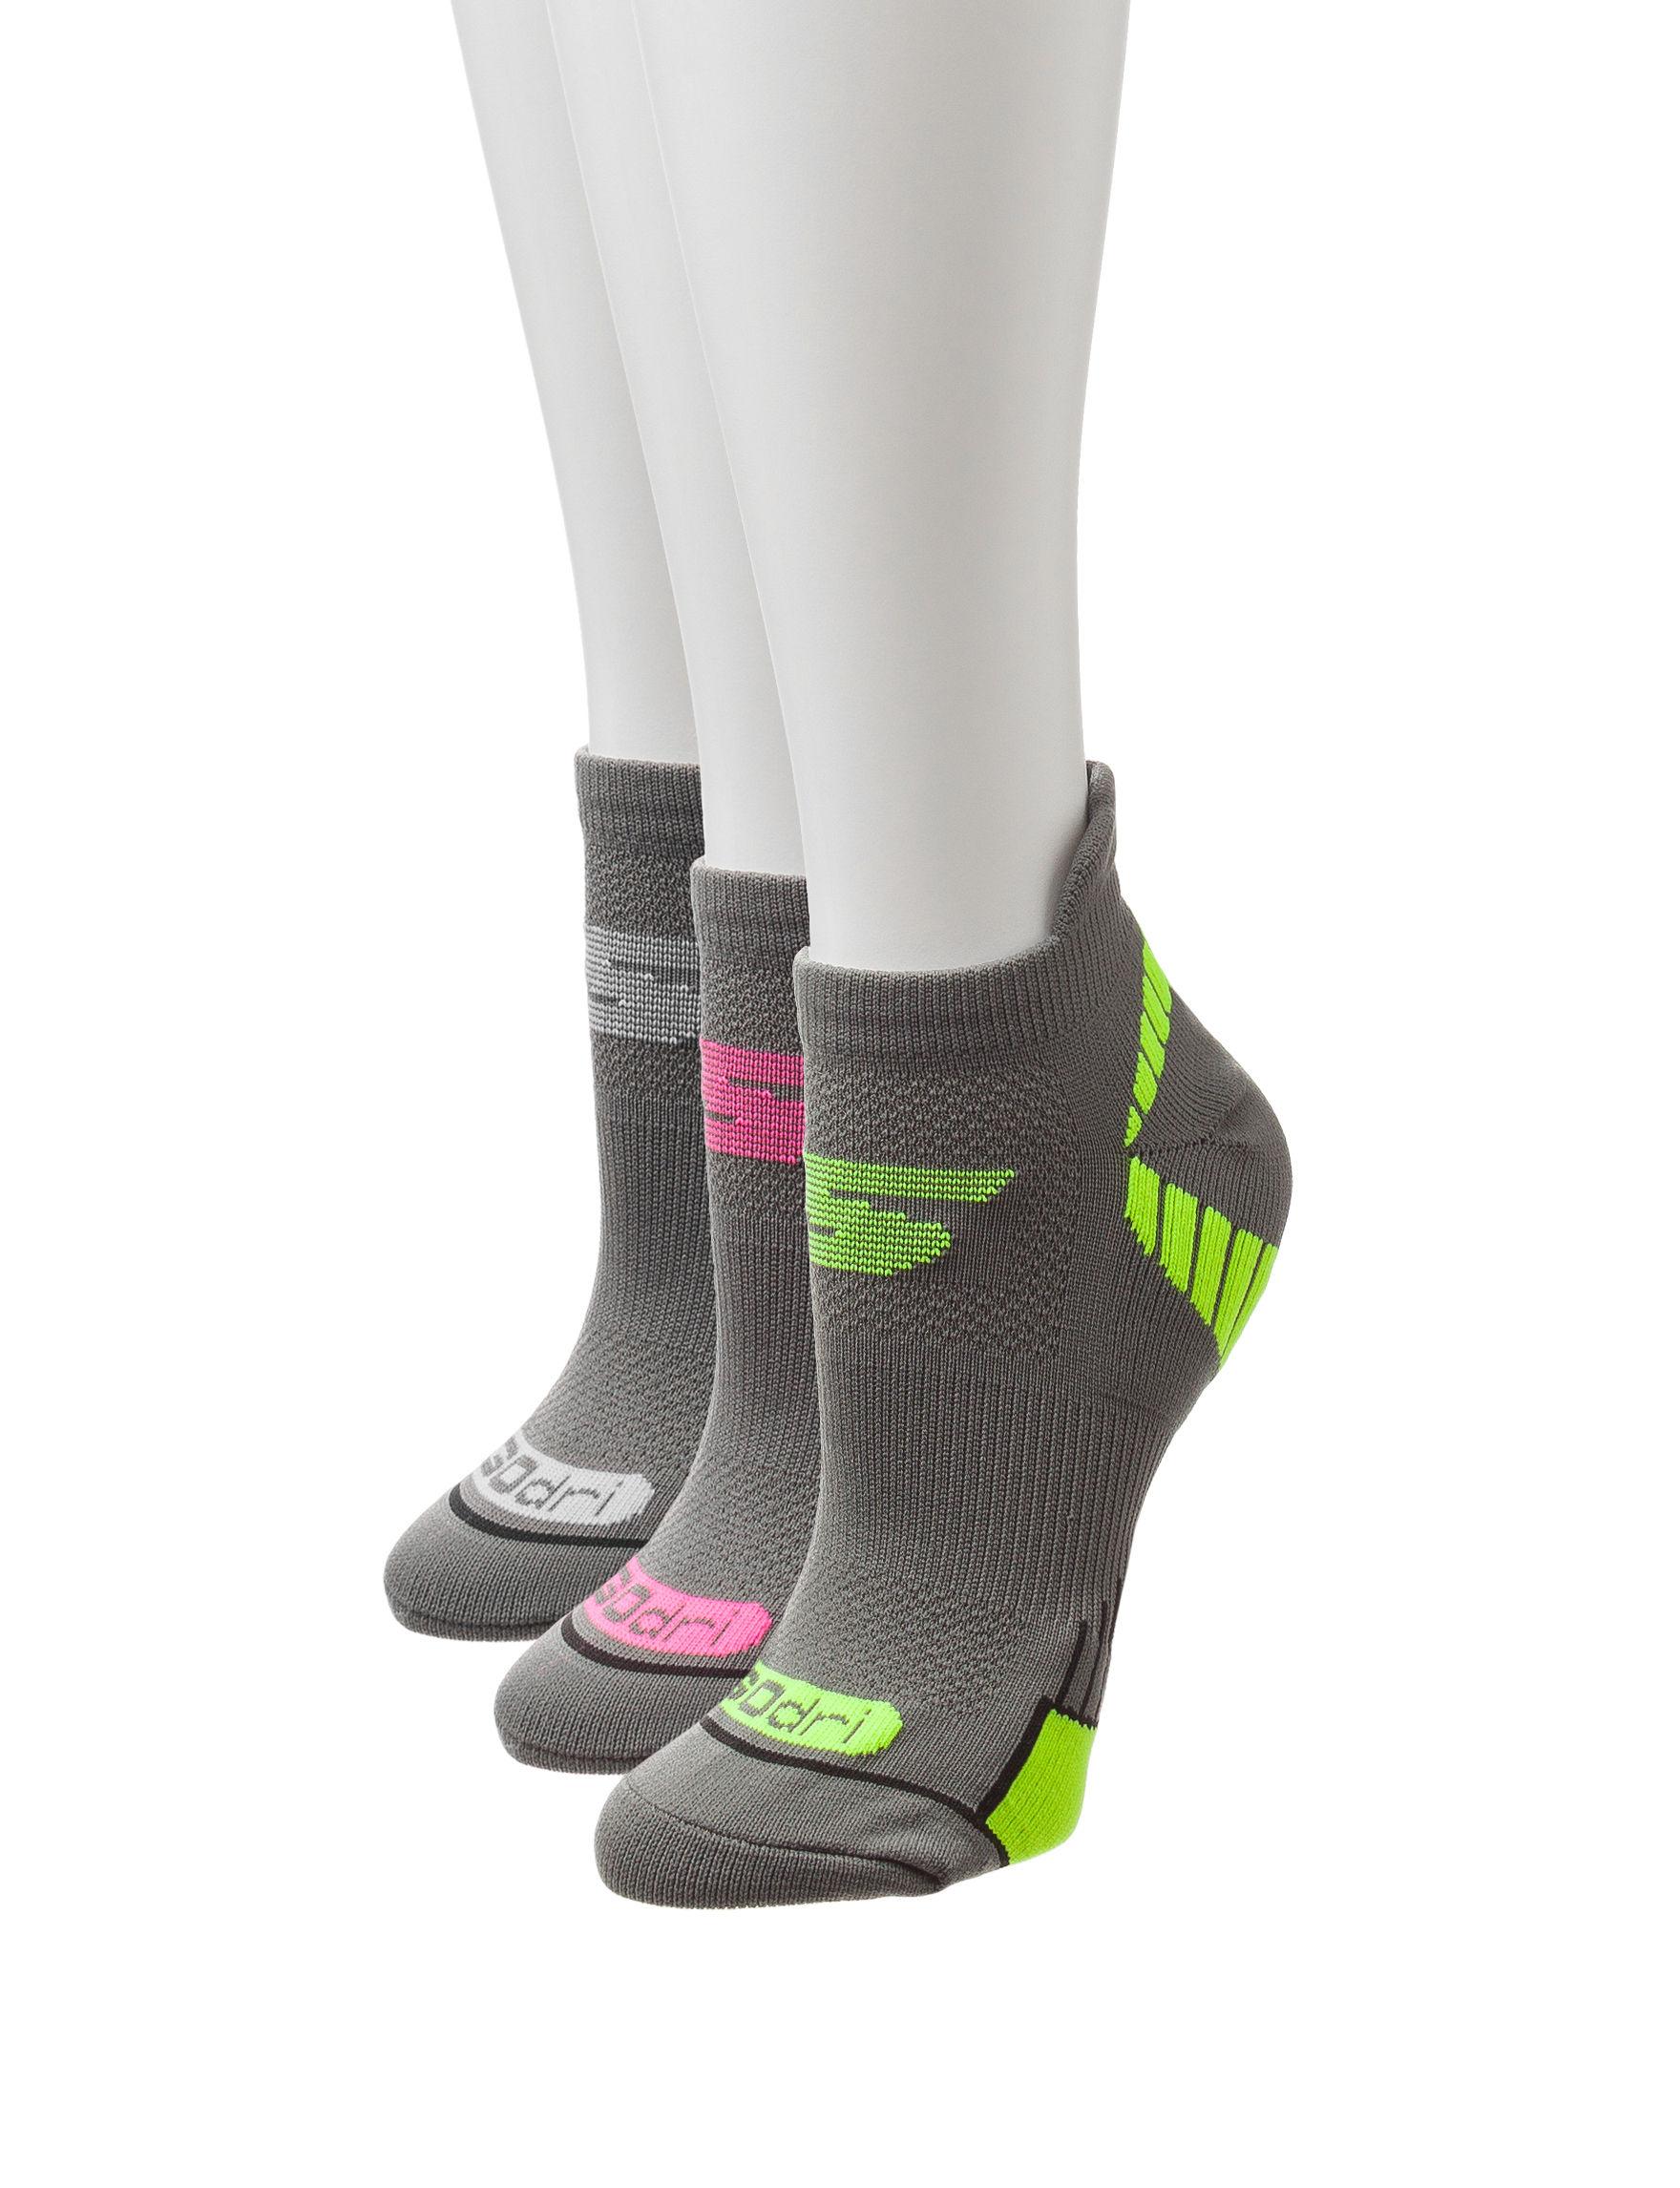 Skechers Grey Socks